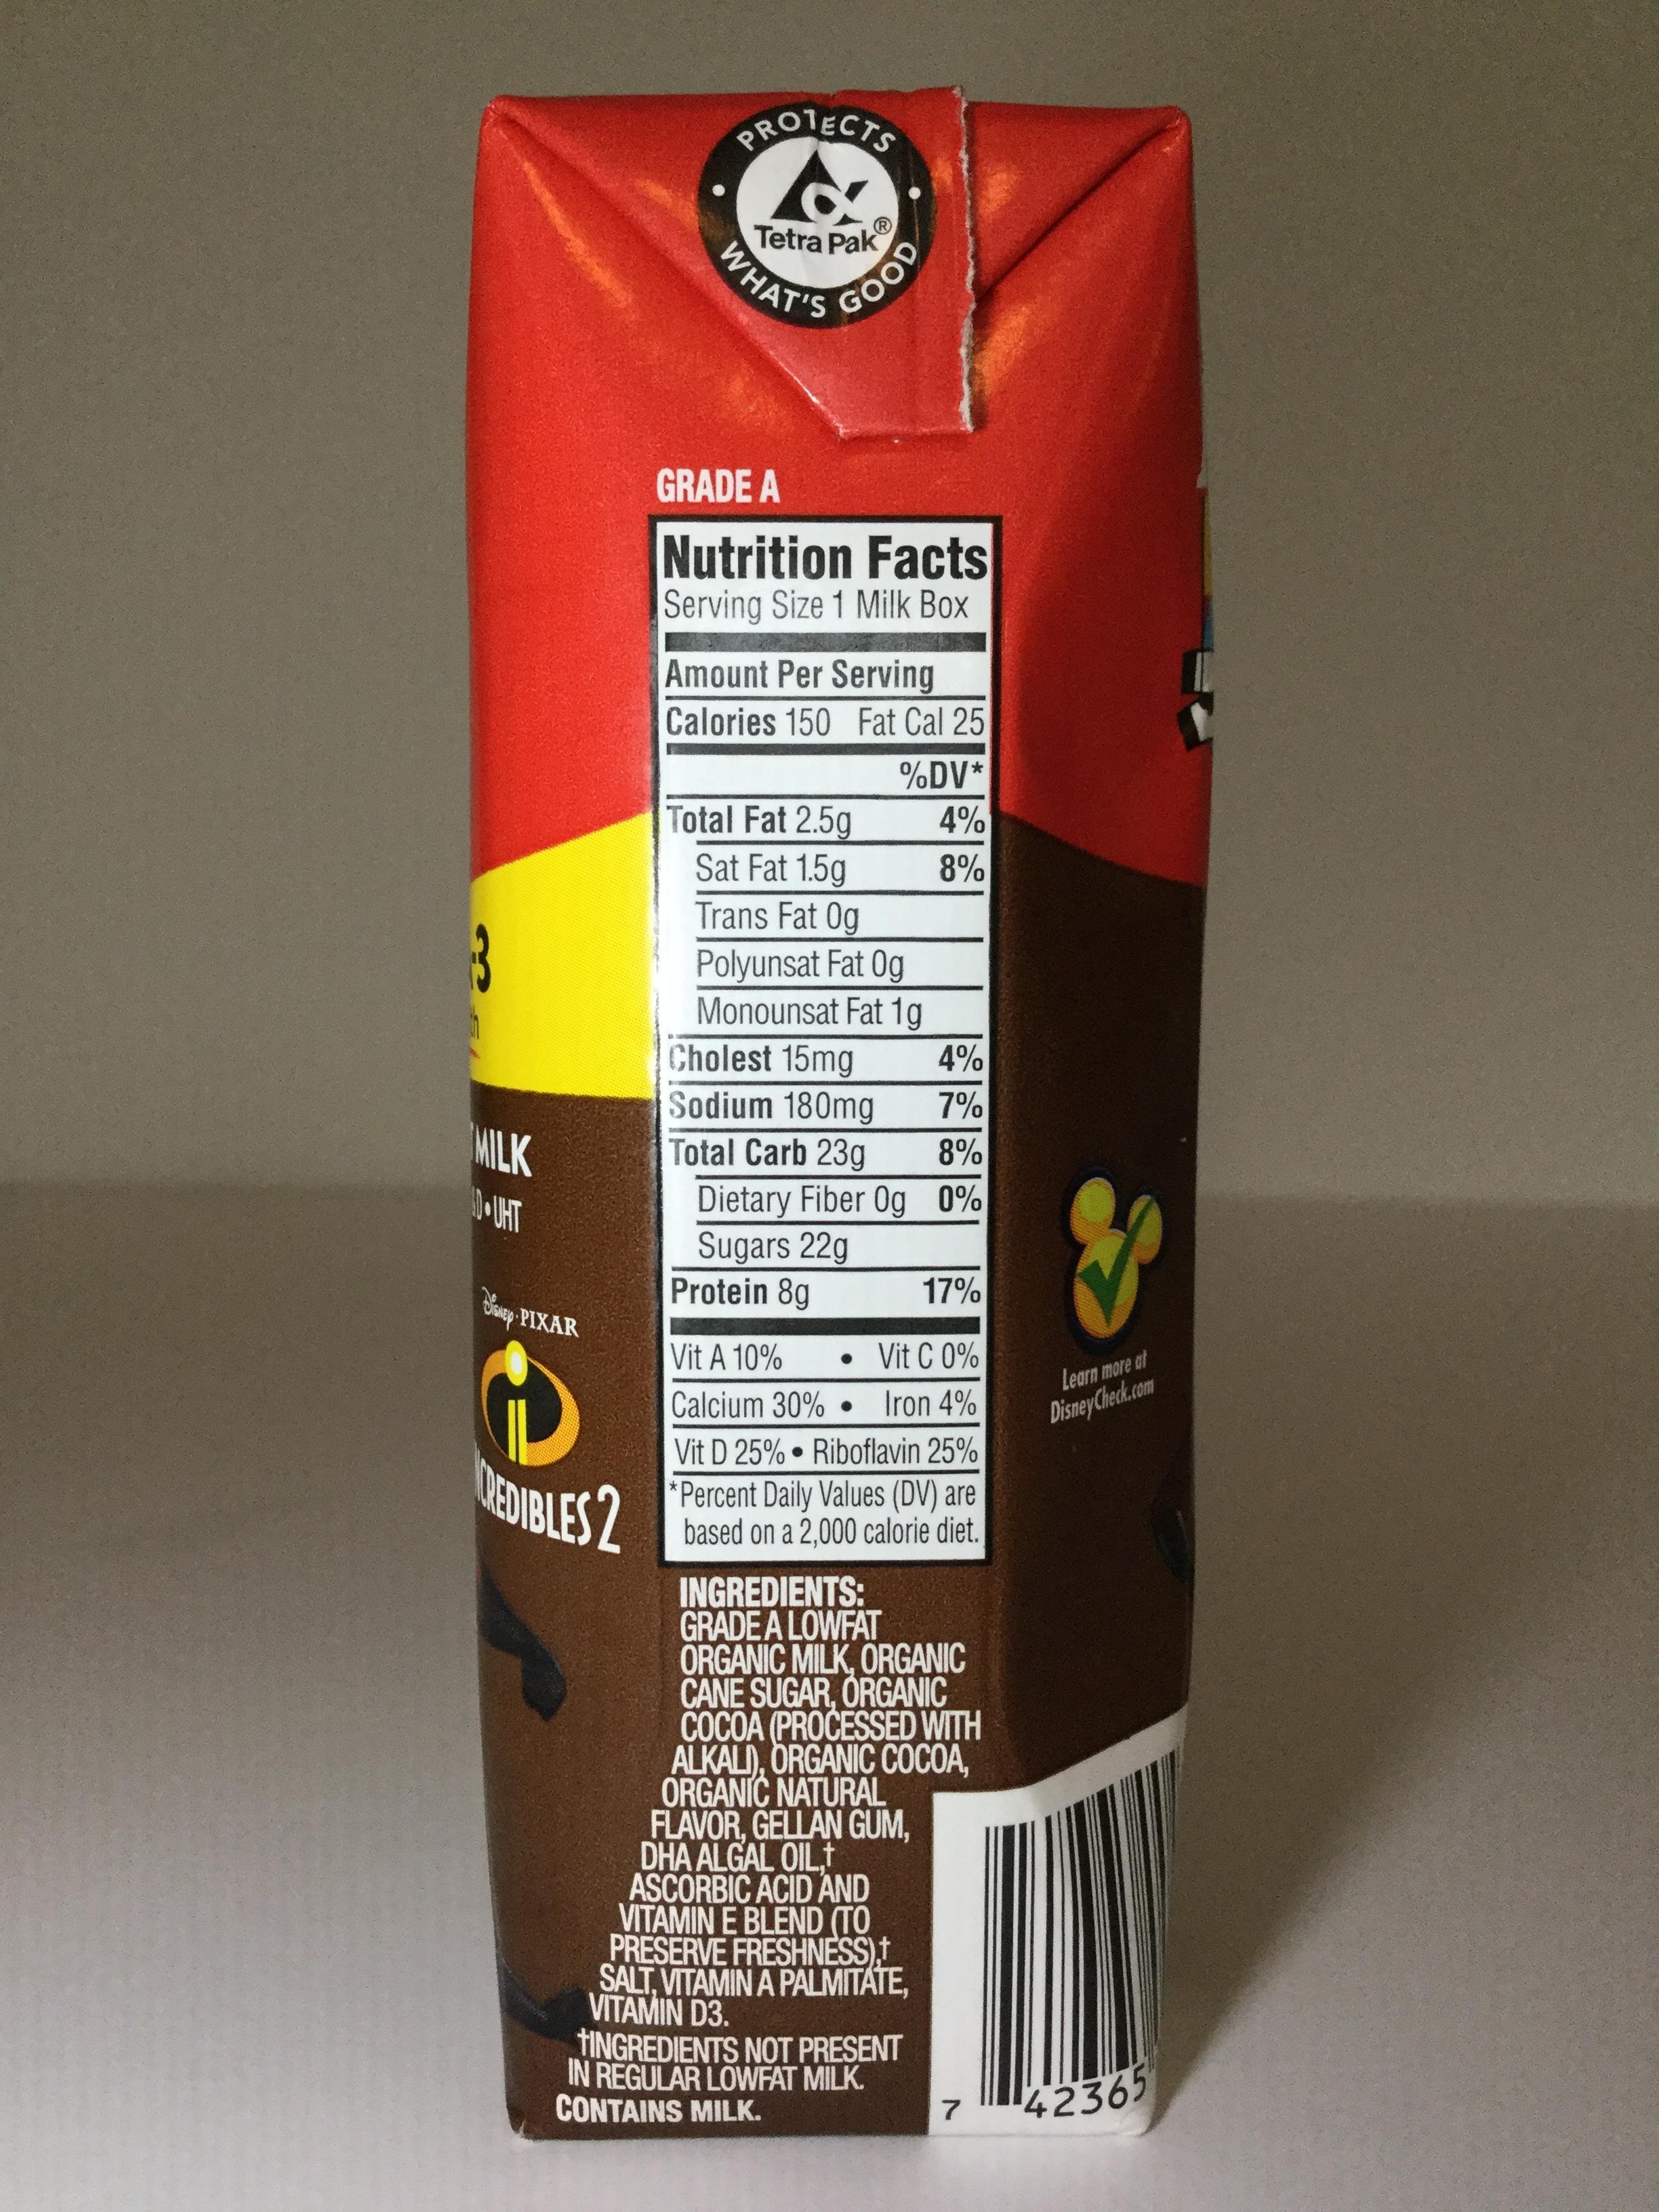 Horizon Organic DHA Chocolate Milk Side 1